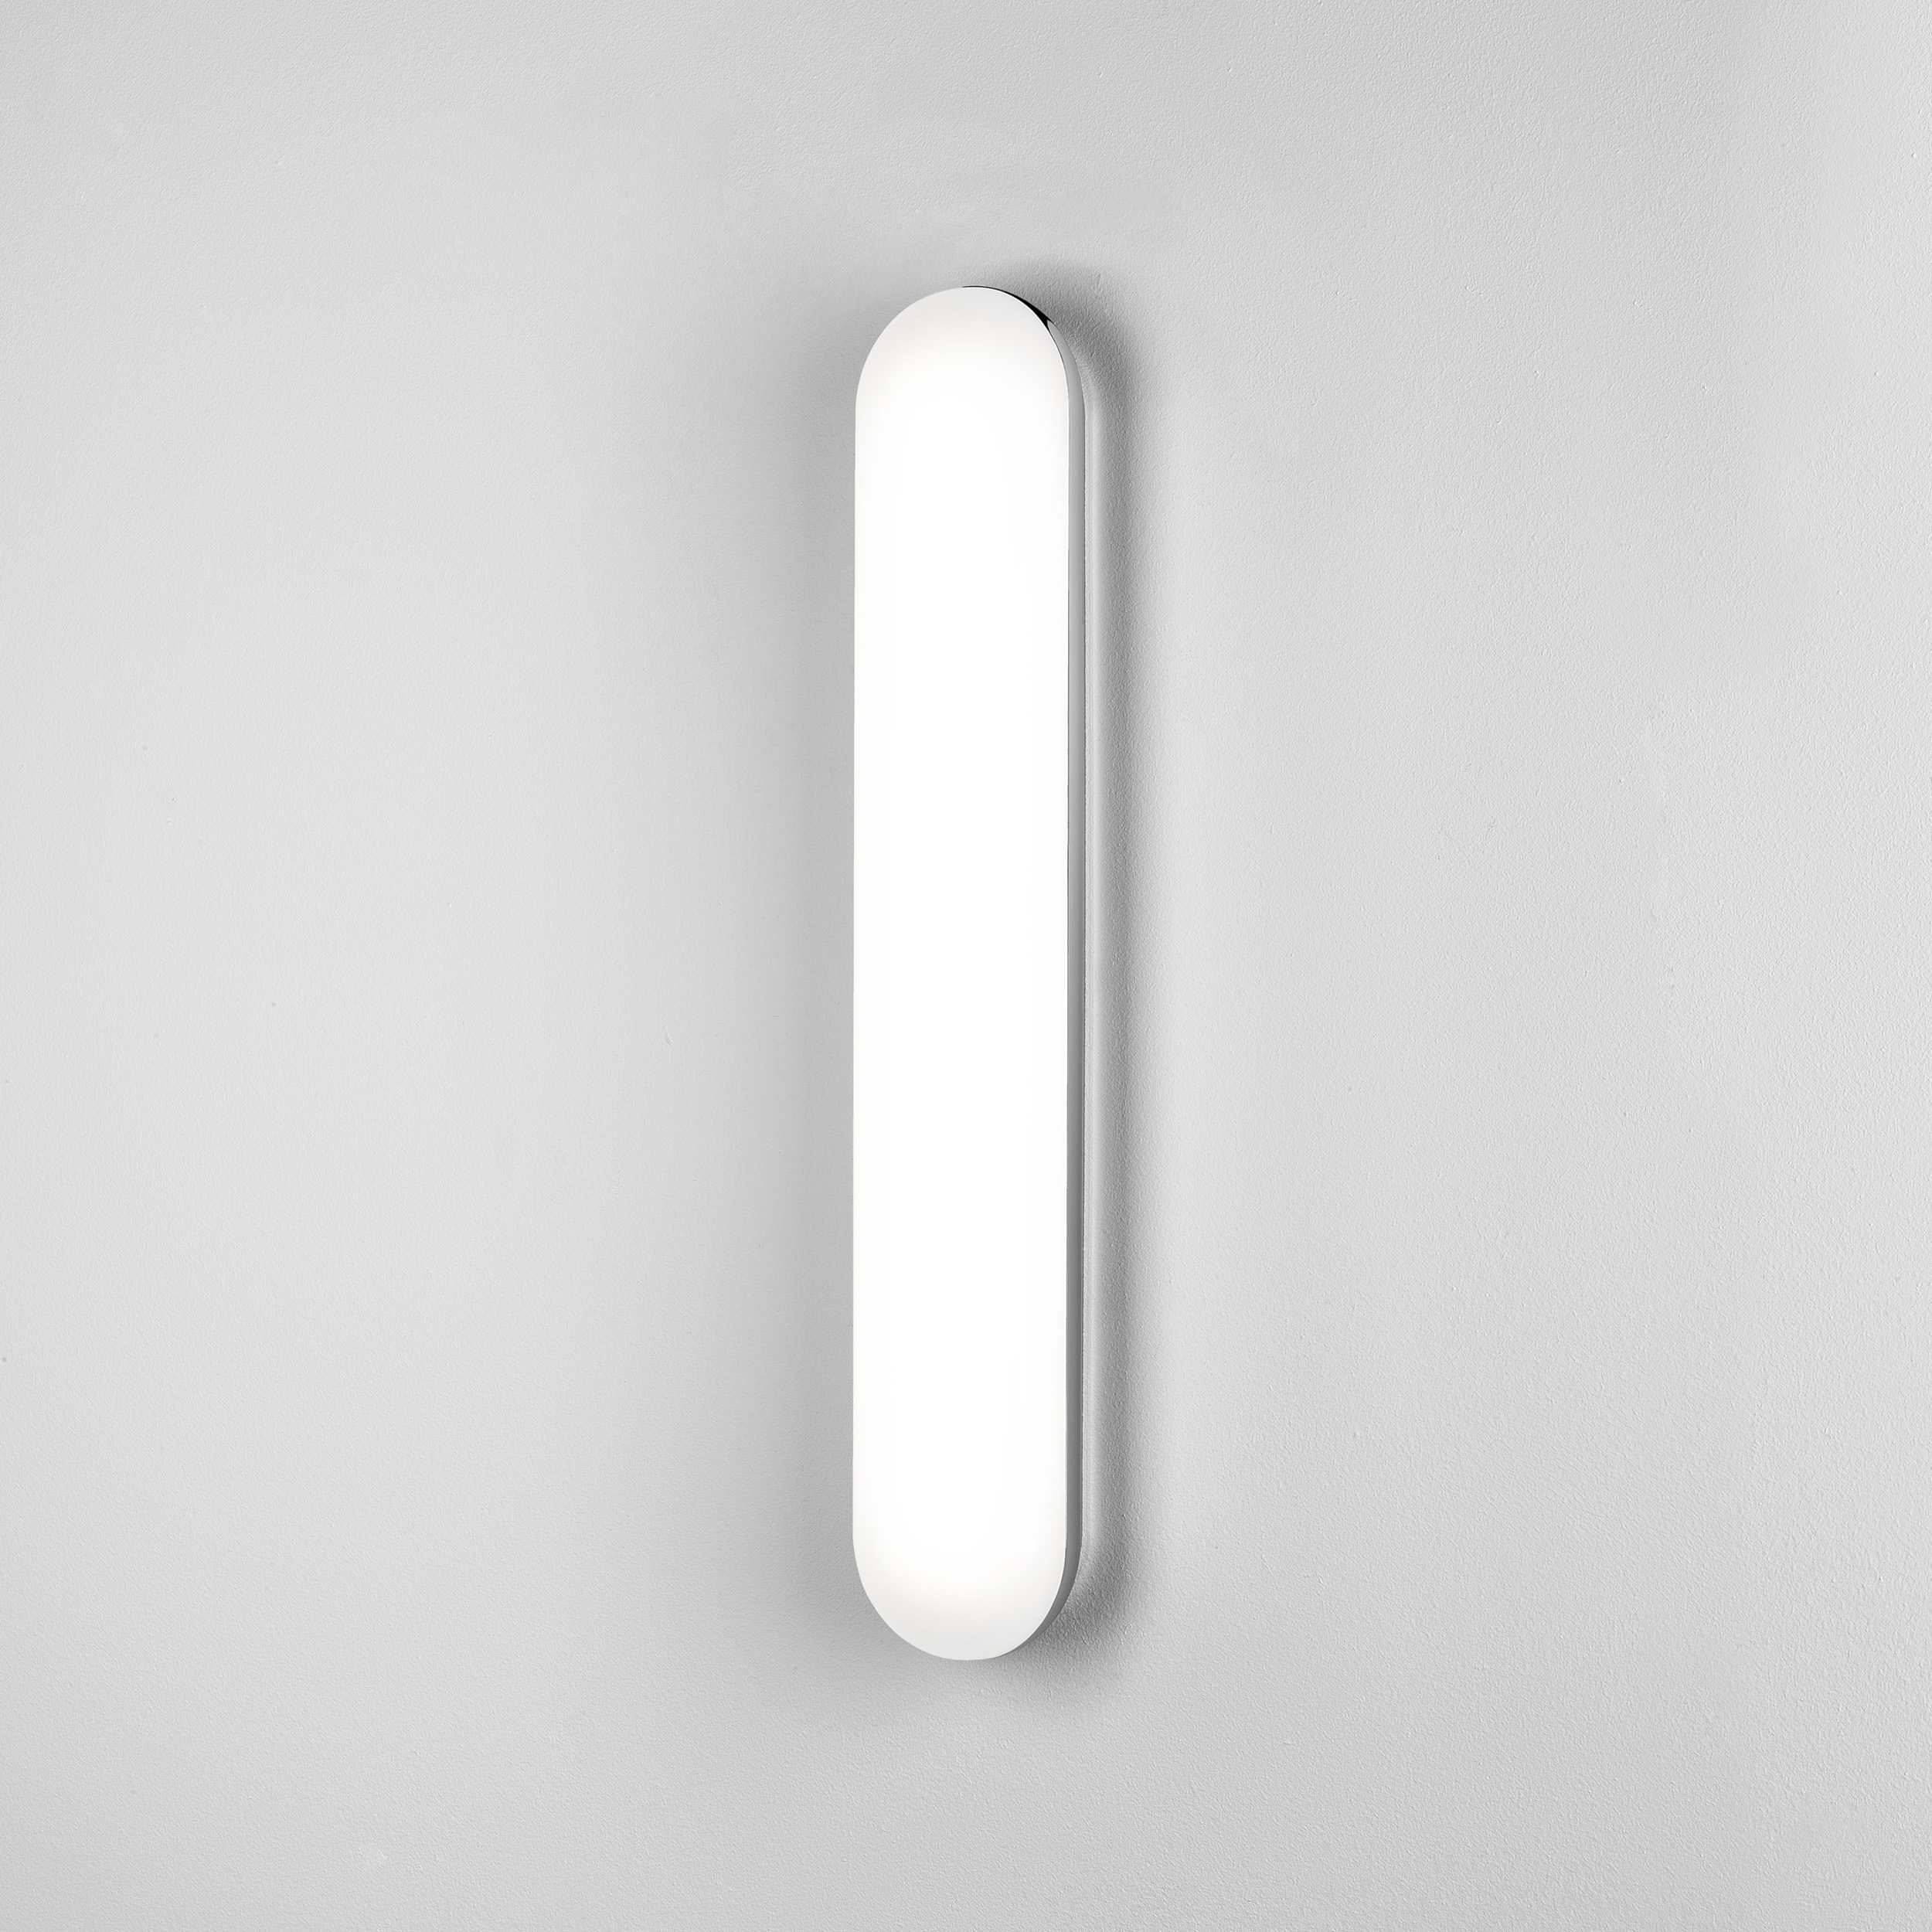 Настенный светодиодный светильник Astro Altea LED 1133006 (8015), IP44, LED 20,3W 3000K 858lm CRI80, хром, белый, металл, пластик - фото 1